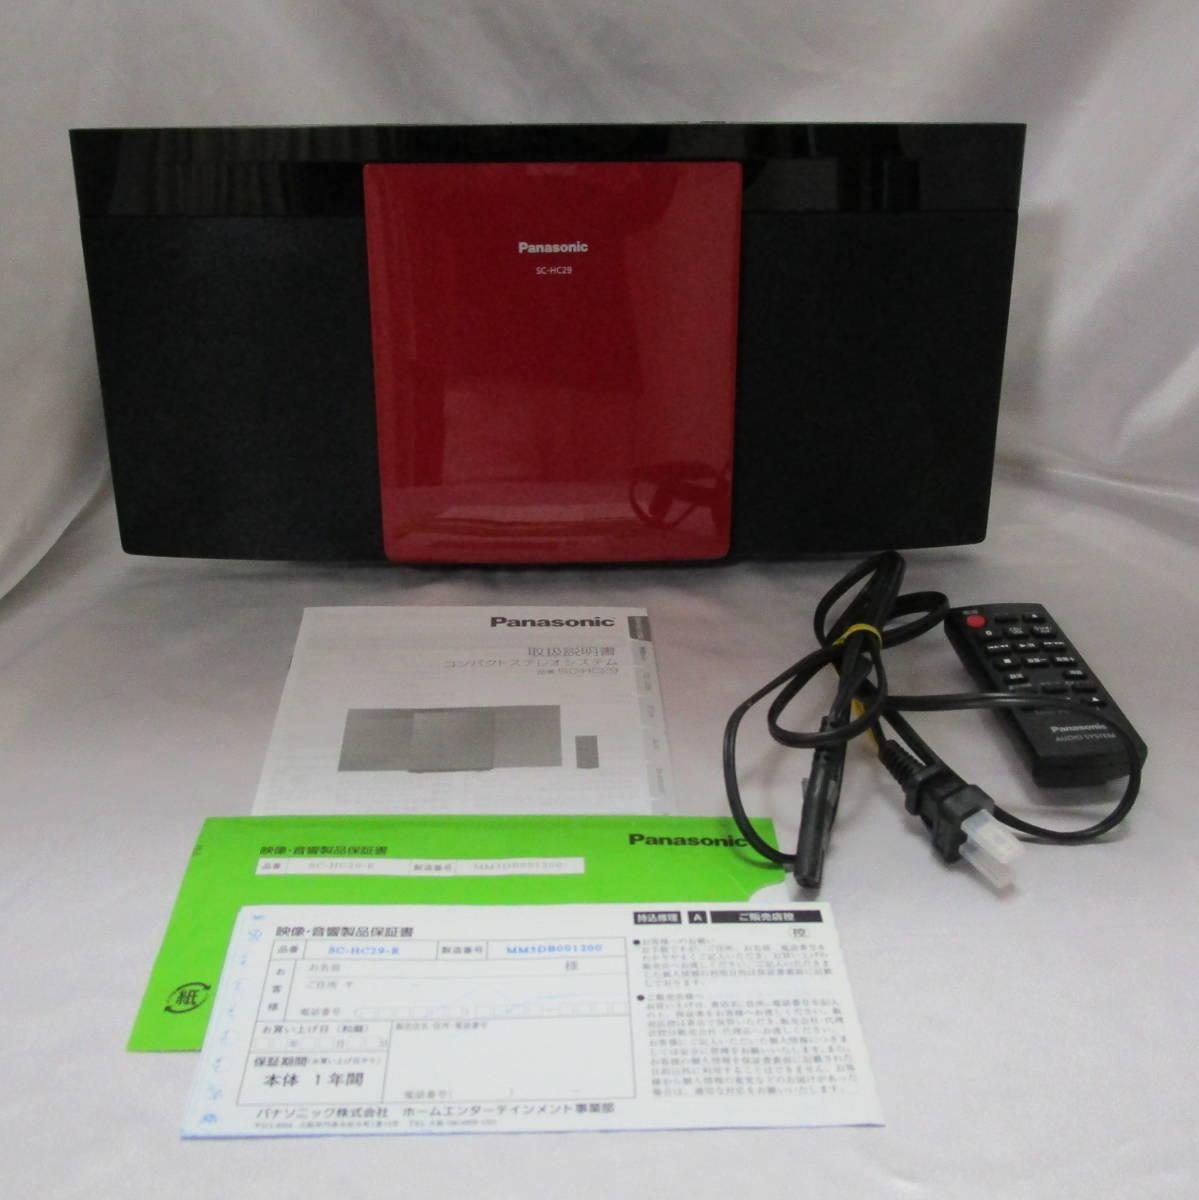 パナソニック Panasonic コンパクトステレオシステム コンポ SC-HC29-R リモコン有り 2015年購入